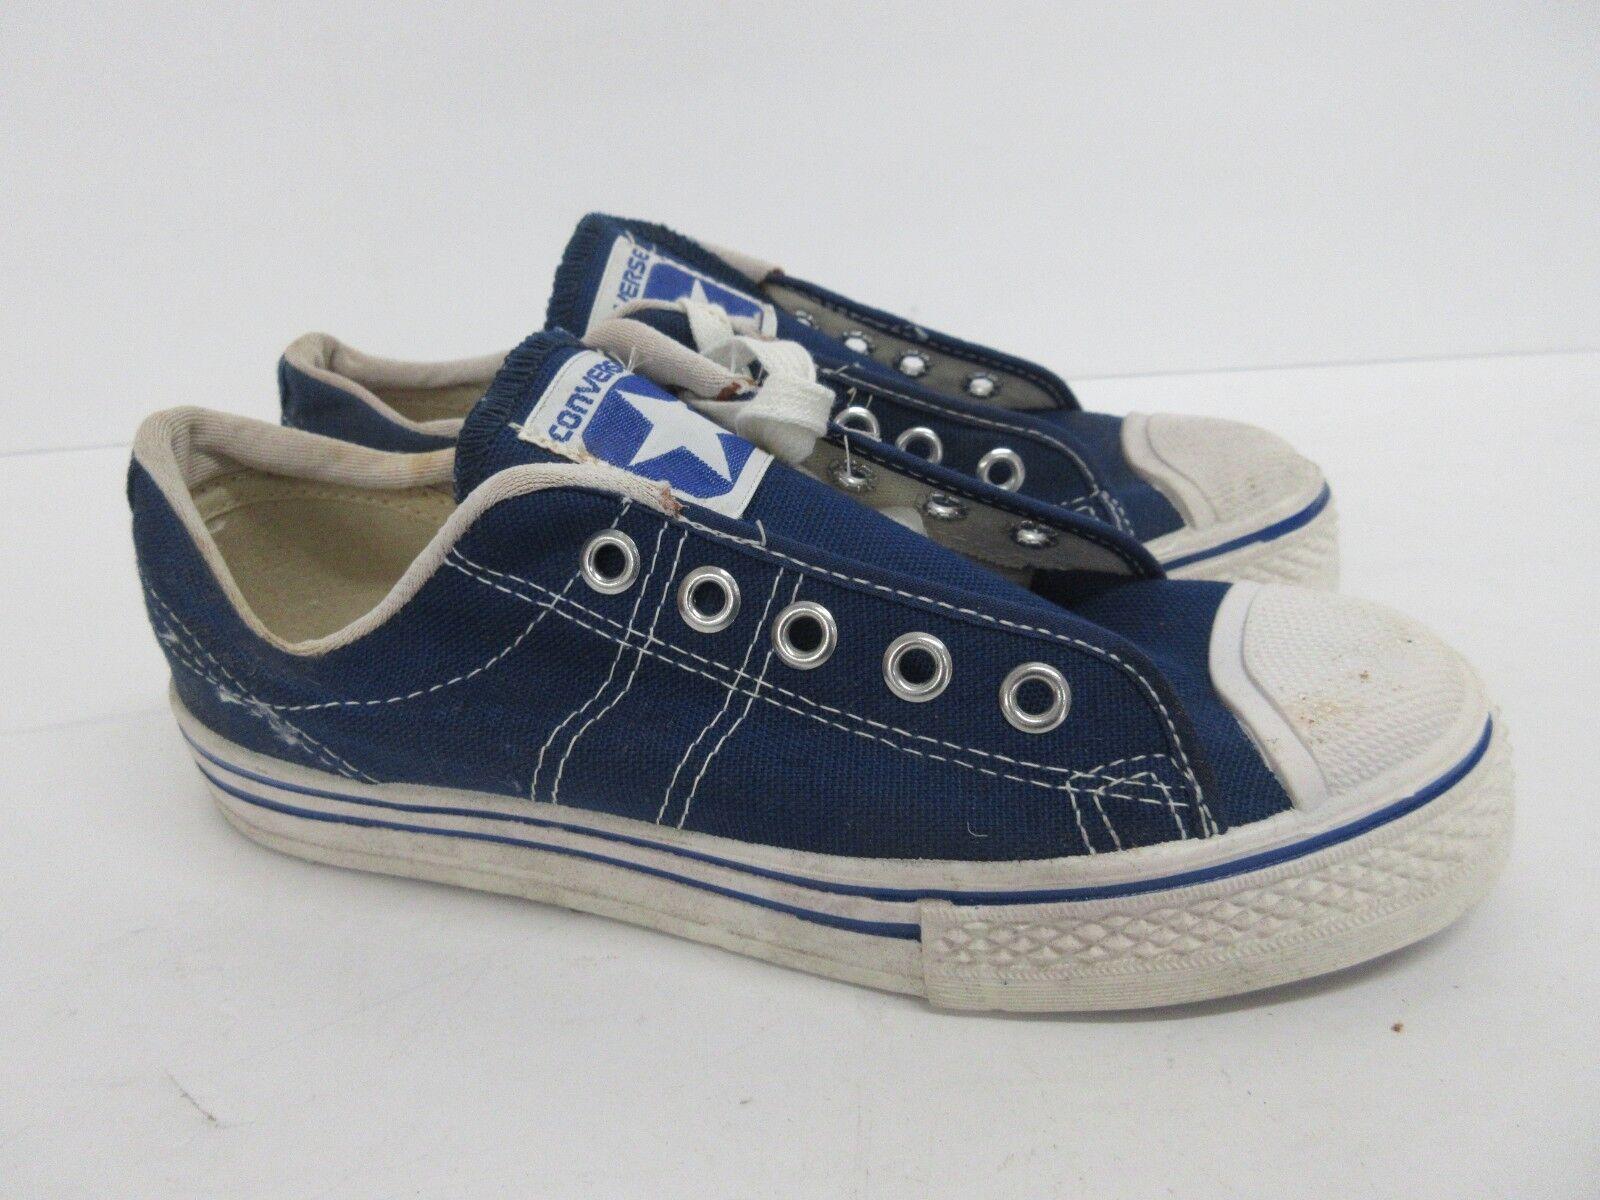 Vintage Retro Converse en Azul Lona Lona Lona 60s 70s Niños Tamaño  2.5  connotación de lujo discreta